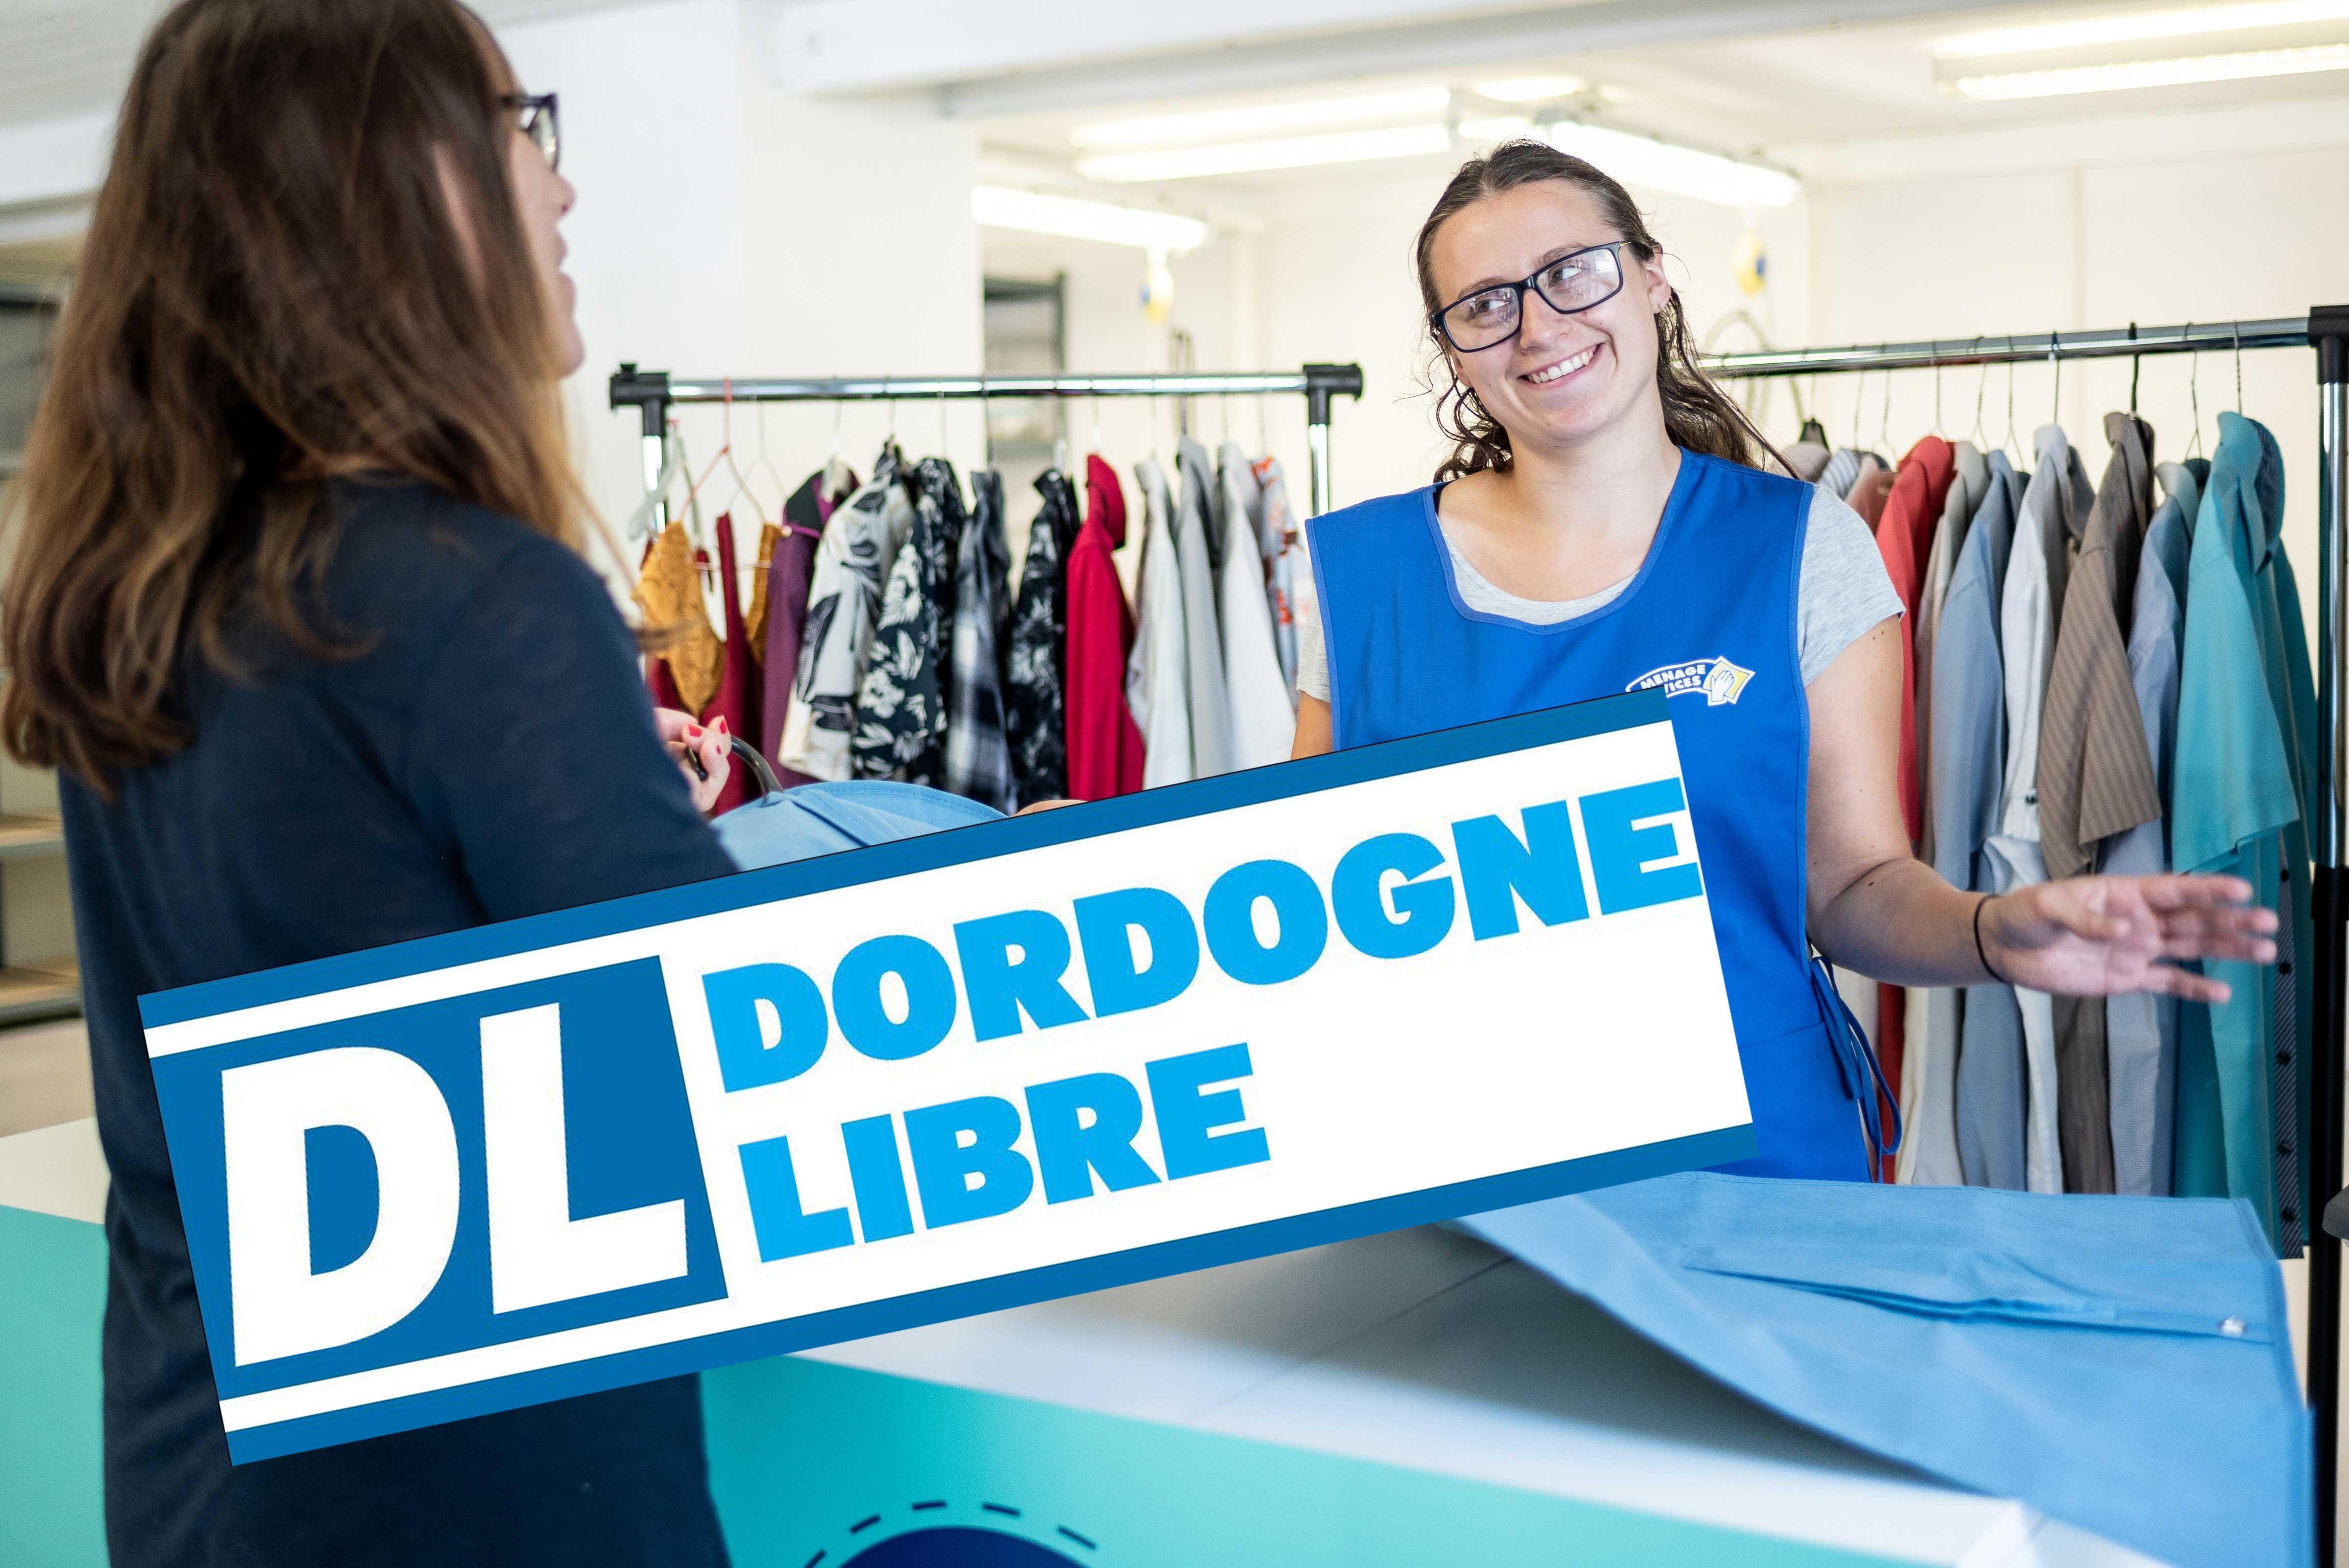 L'Atelier fait la une de la Dordogne Libre !